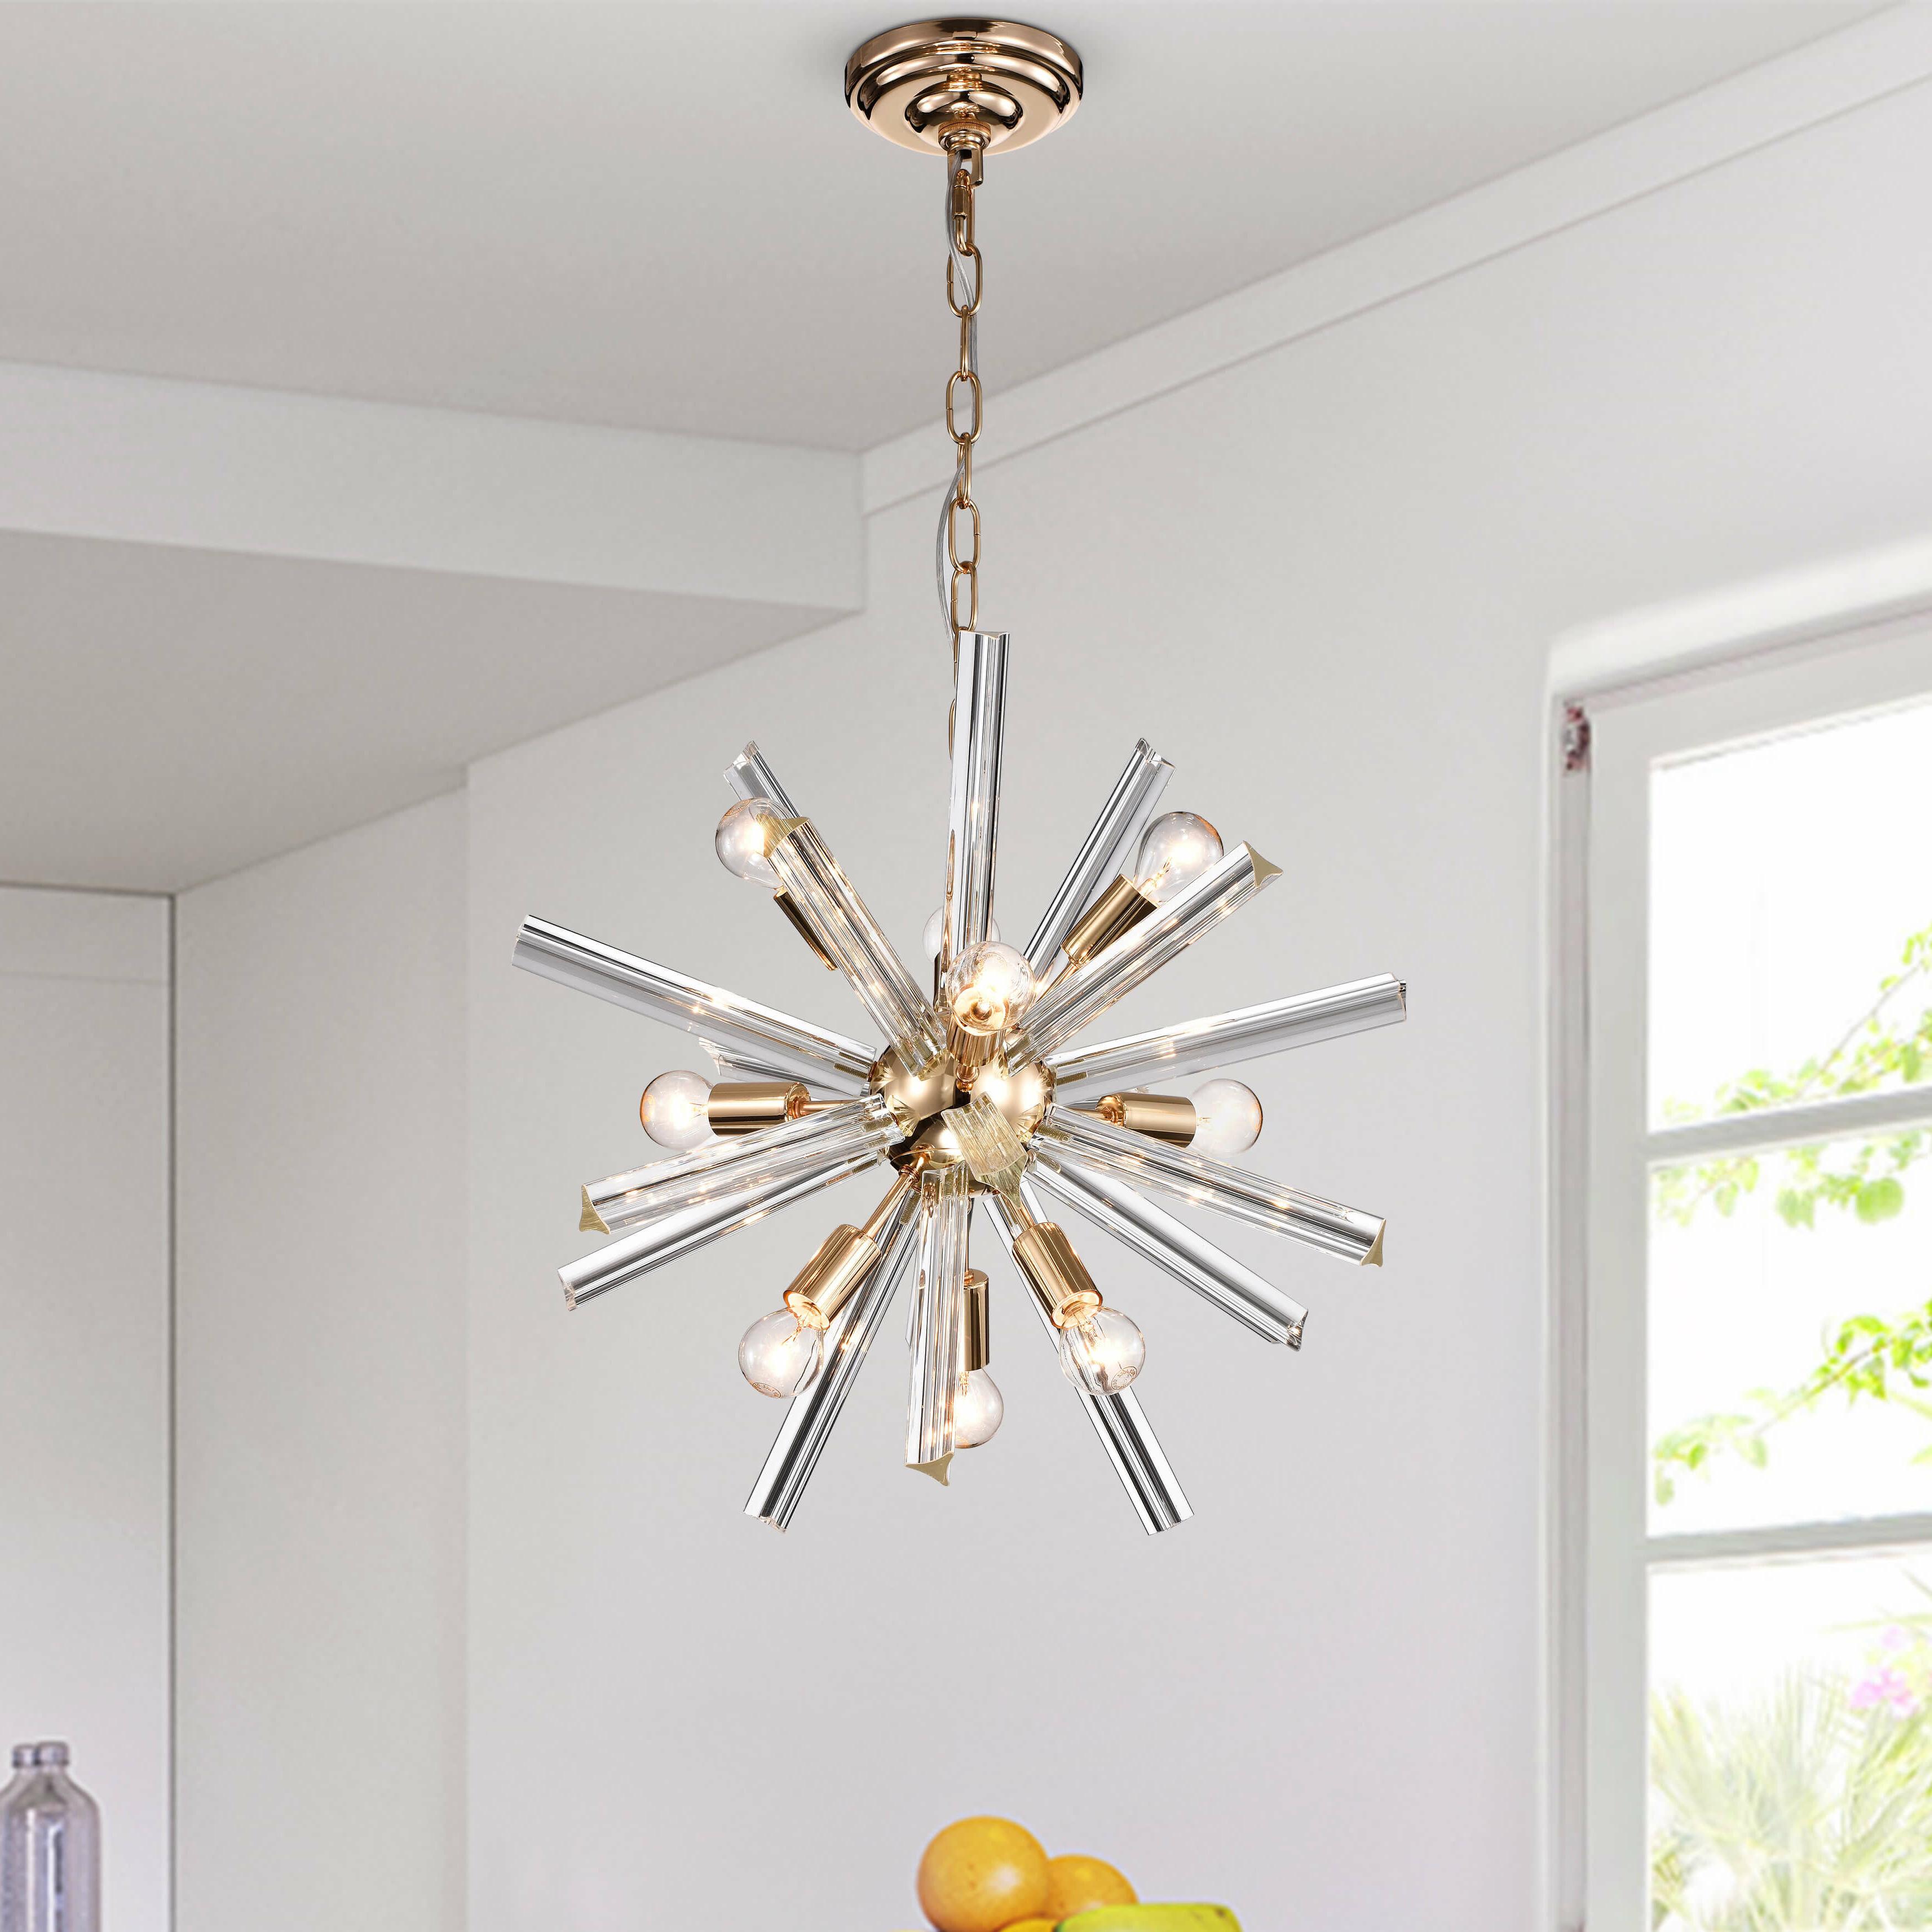 Corona 12 Light Sputnik Chandeliers Throughout Newest Everly Quinn Gwinnett Glass Bar 9 Light Sputnik Chandelier (View 11 of 25)